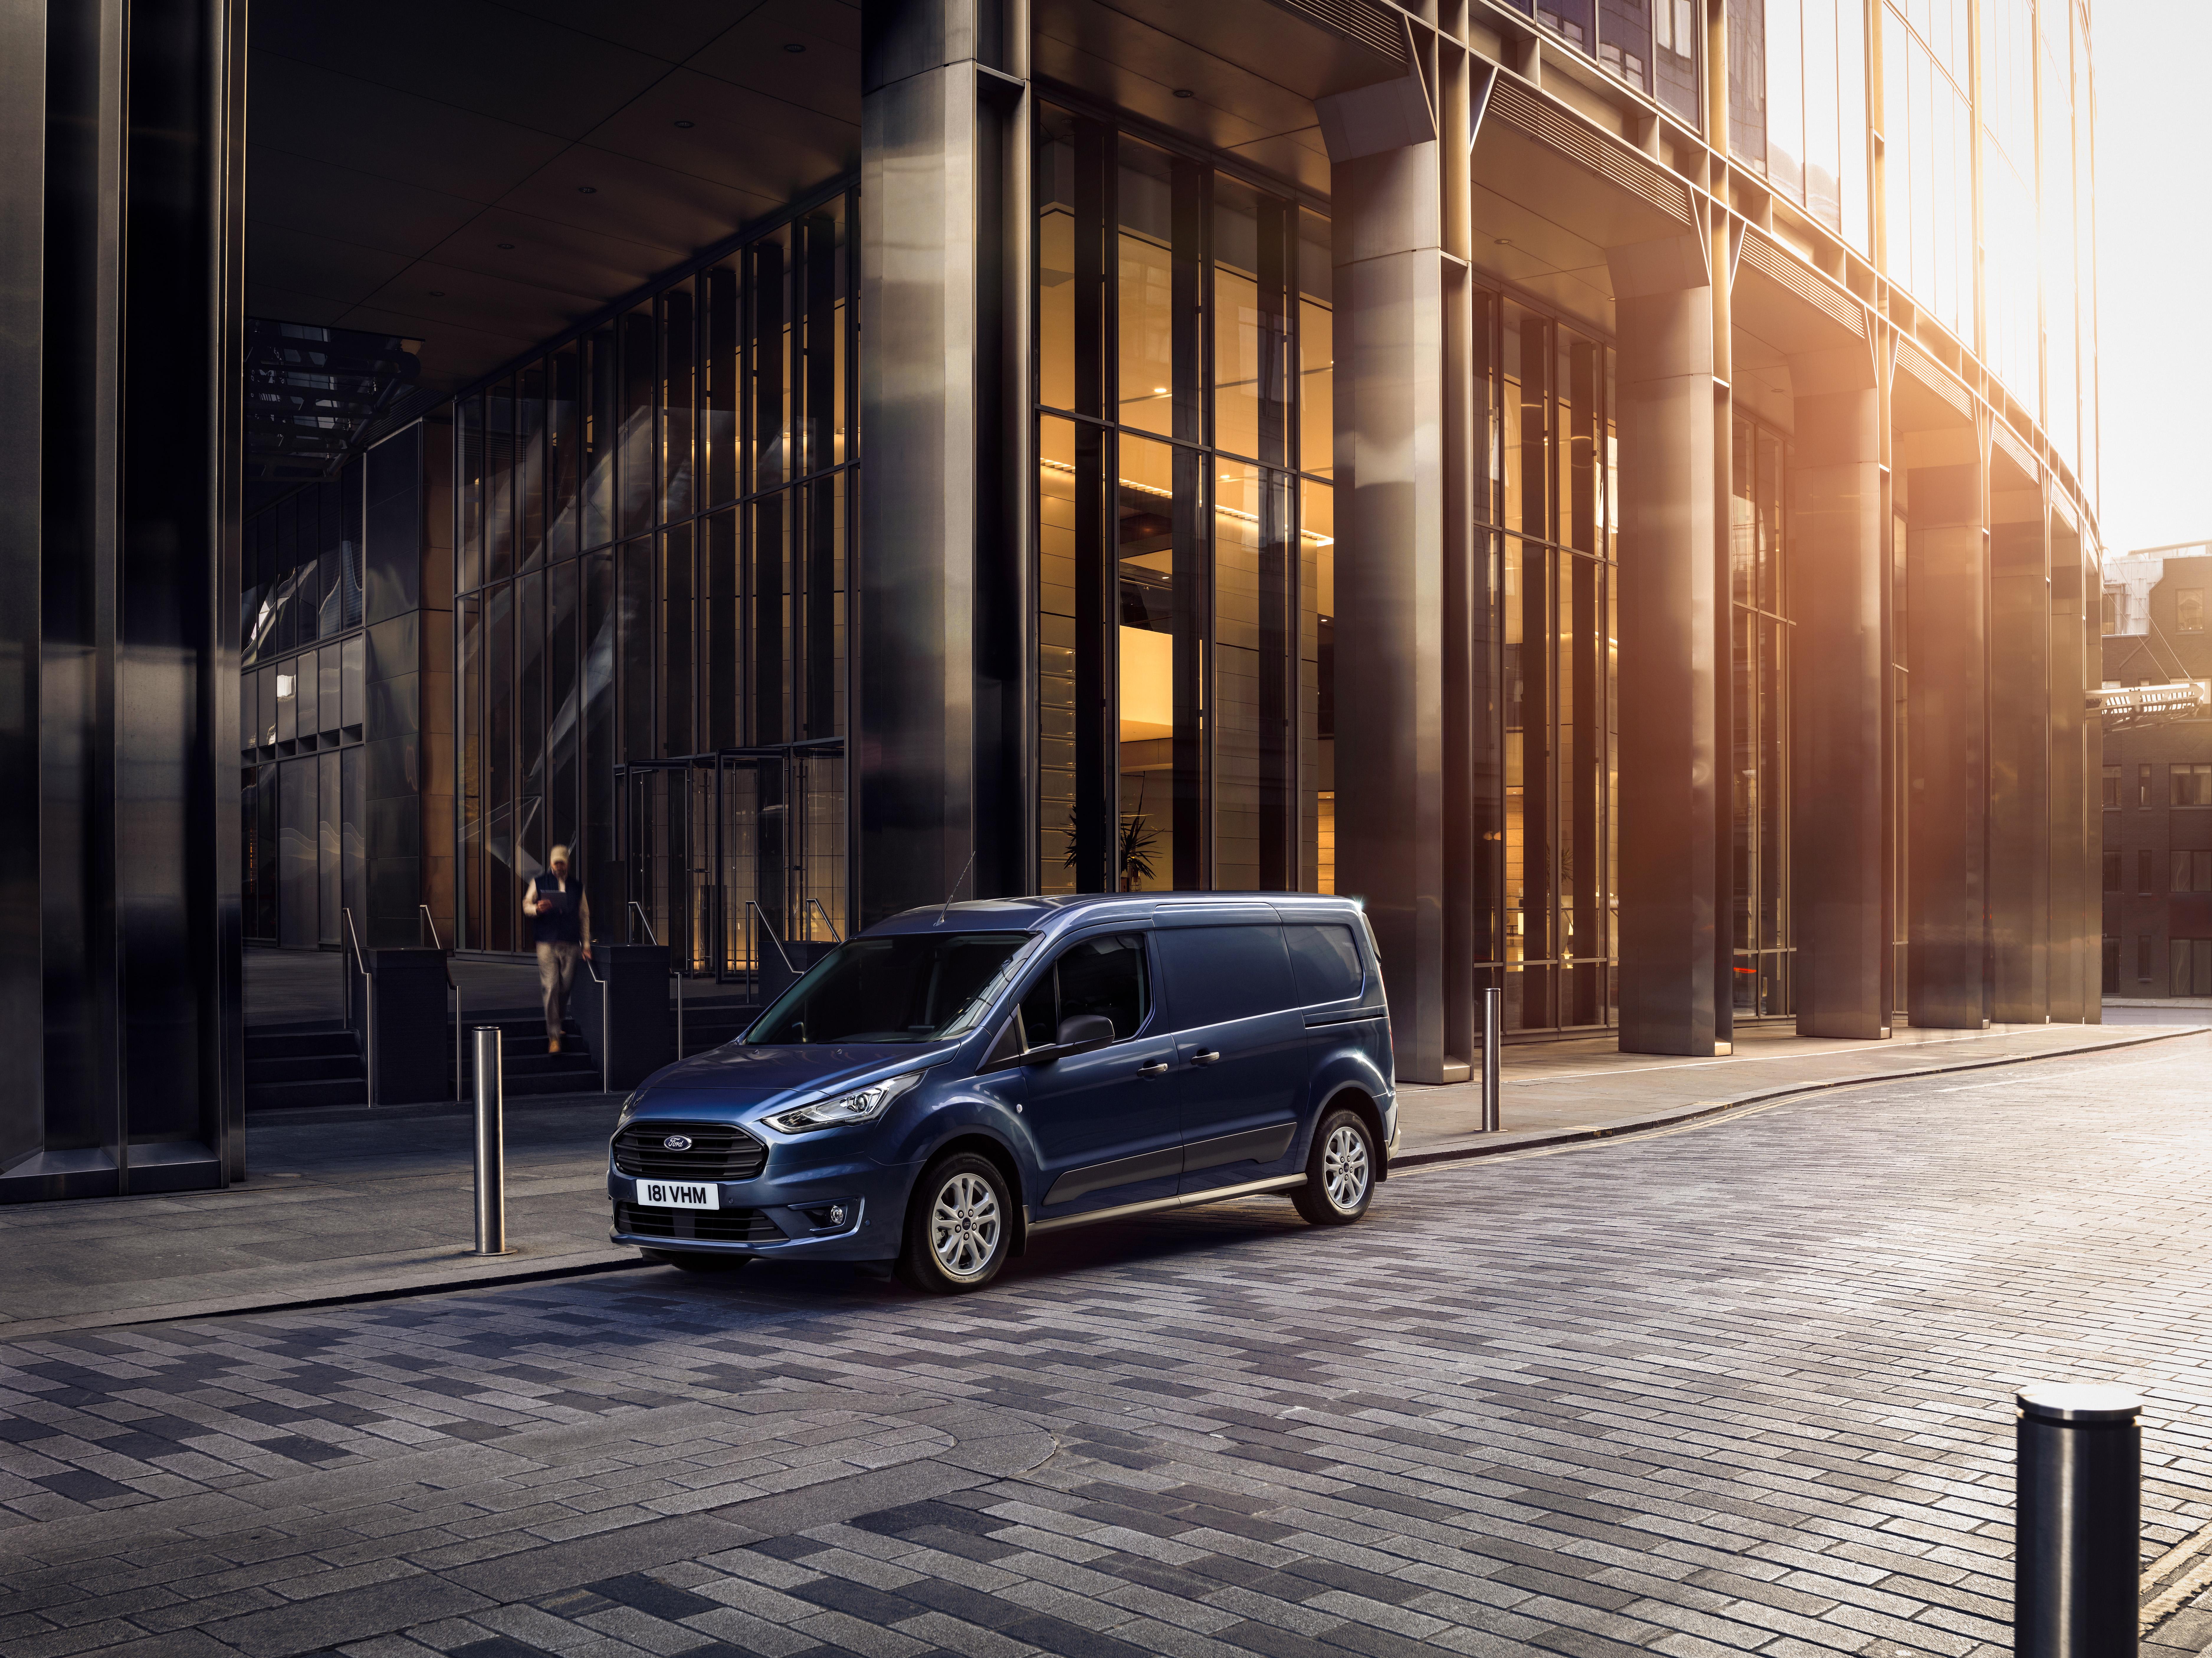 Domača predstavitev: Ford predstavlja nove modele Fordovih lahkih gospodarskih vozil